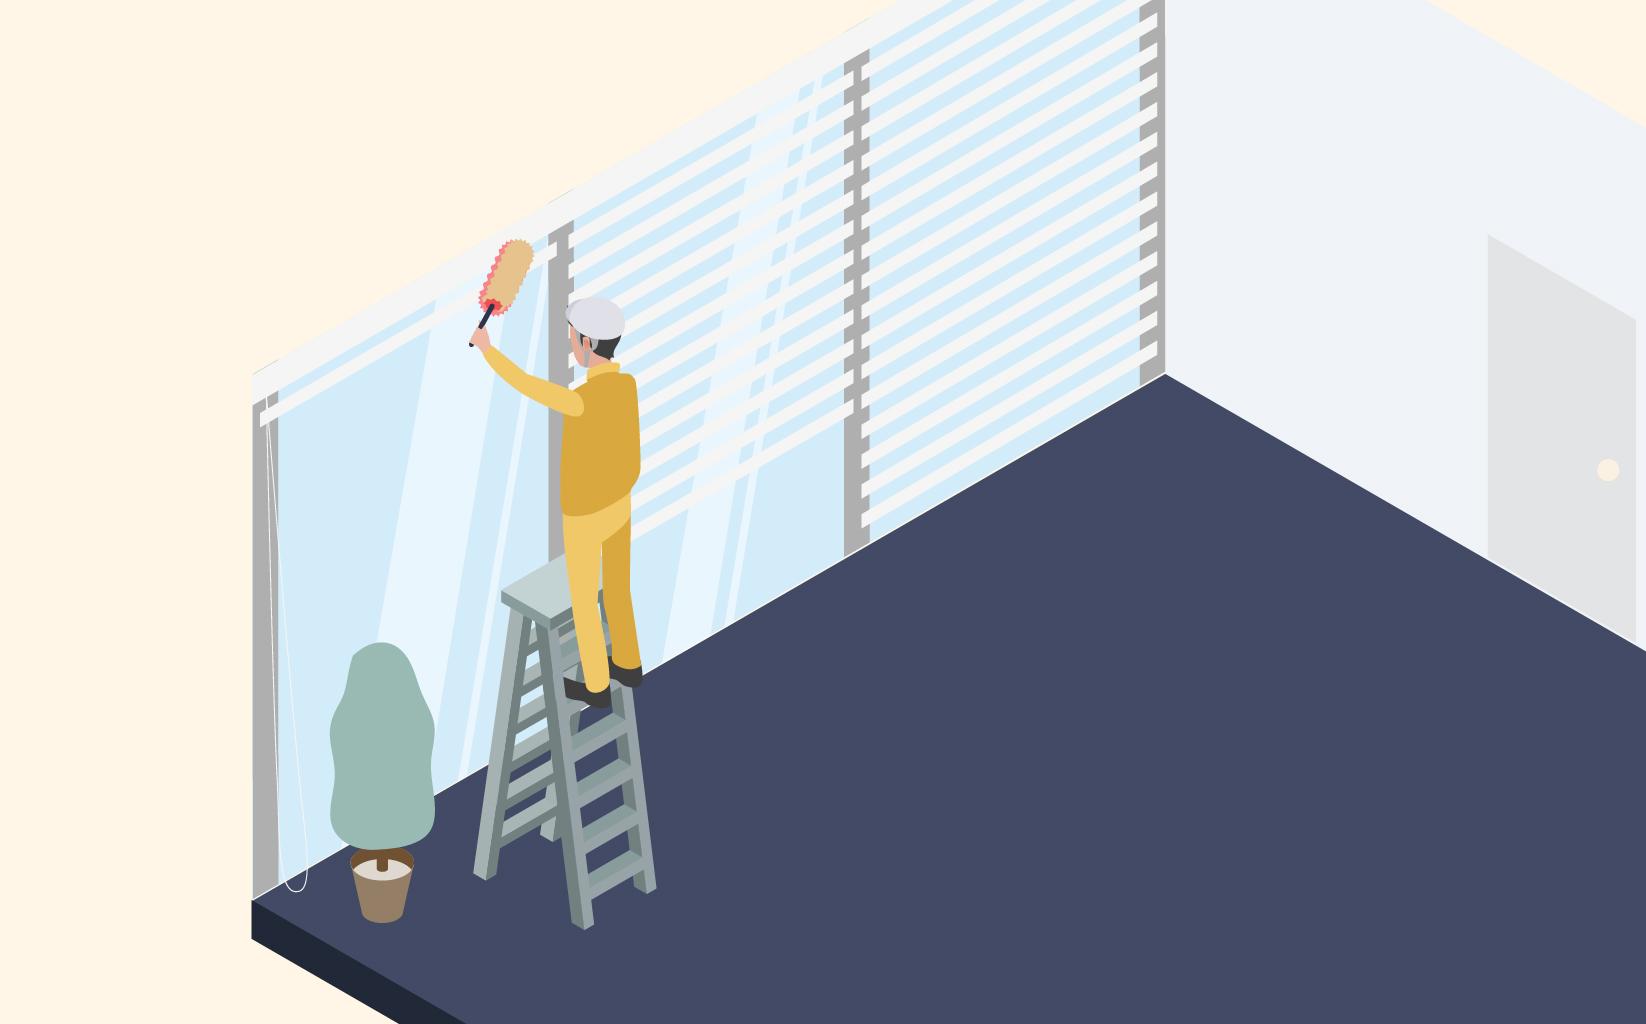 従業員の方が梯子にのぼり窓を清掃しているイメージ